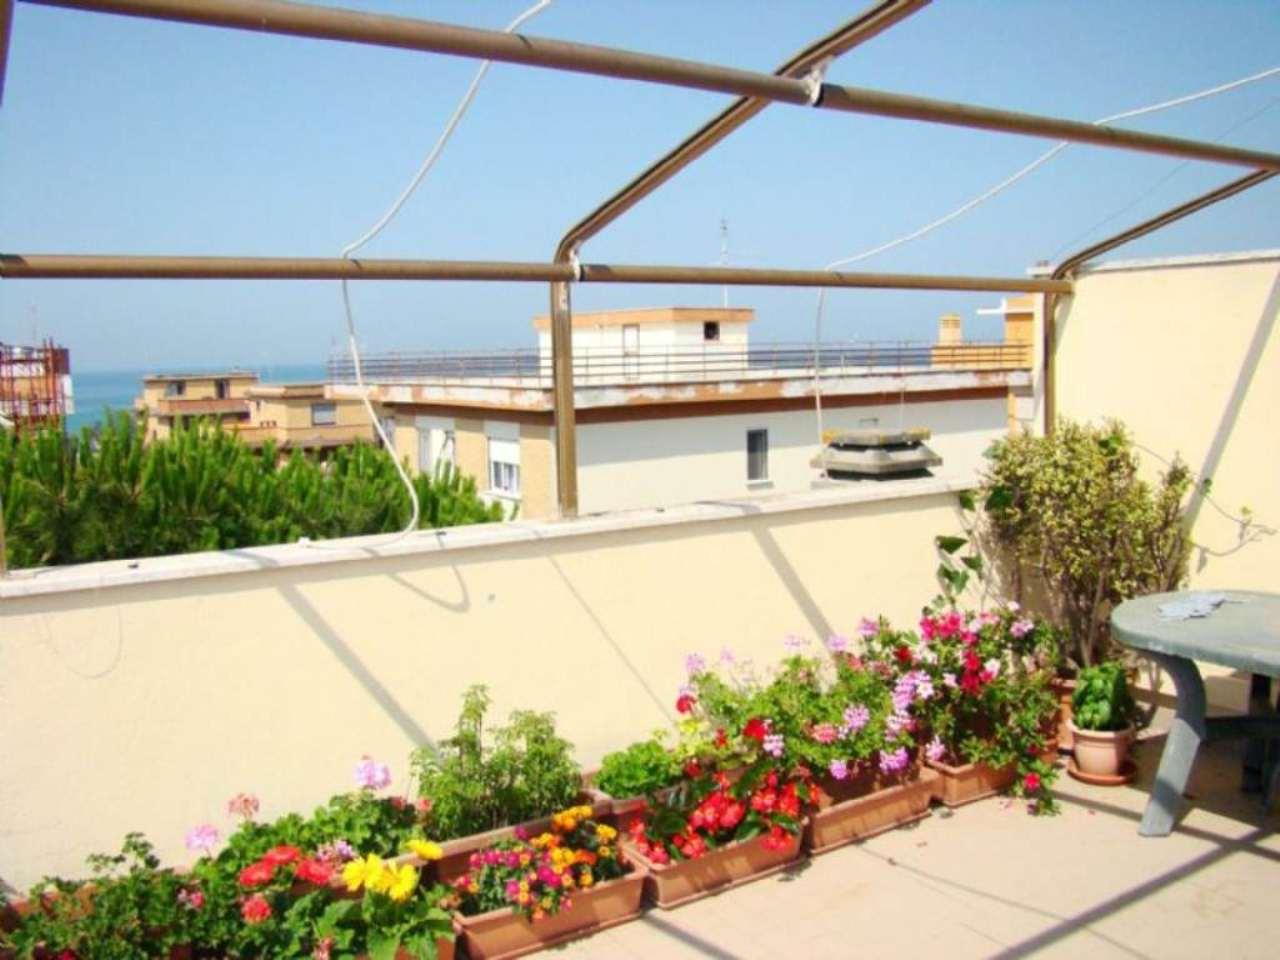 Attico / Mansarda in vendita a Pomezia, 3 locali, prezzo € 139.000 | Cambio Casa.it